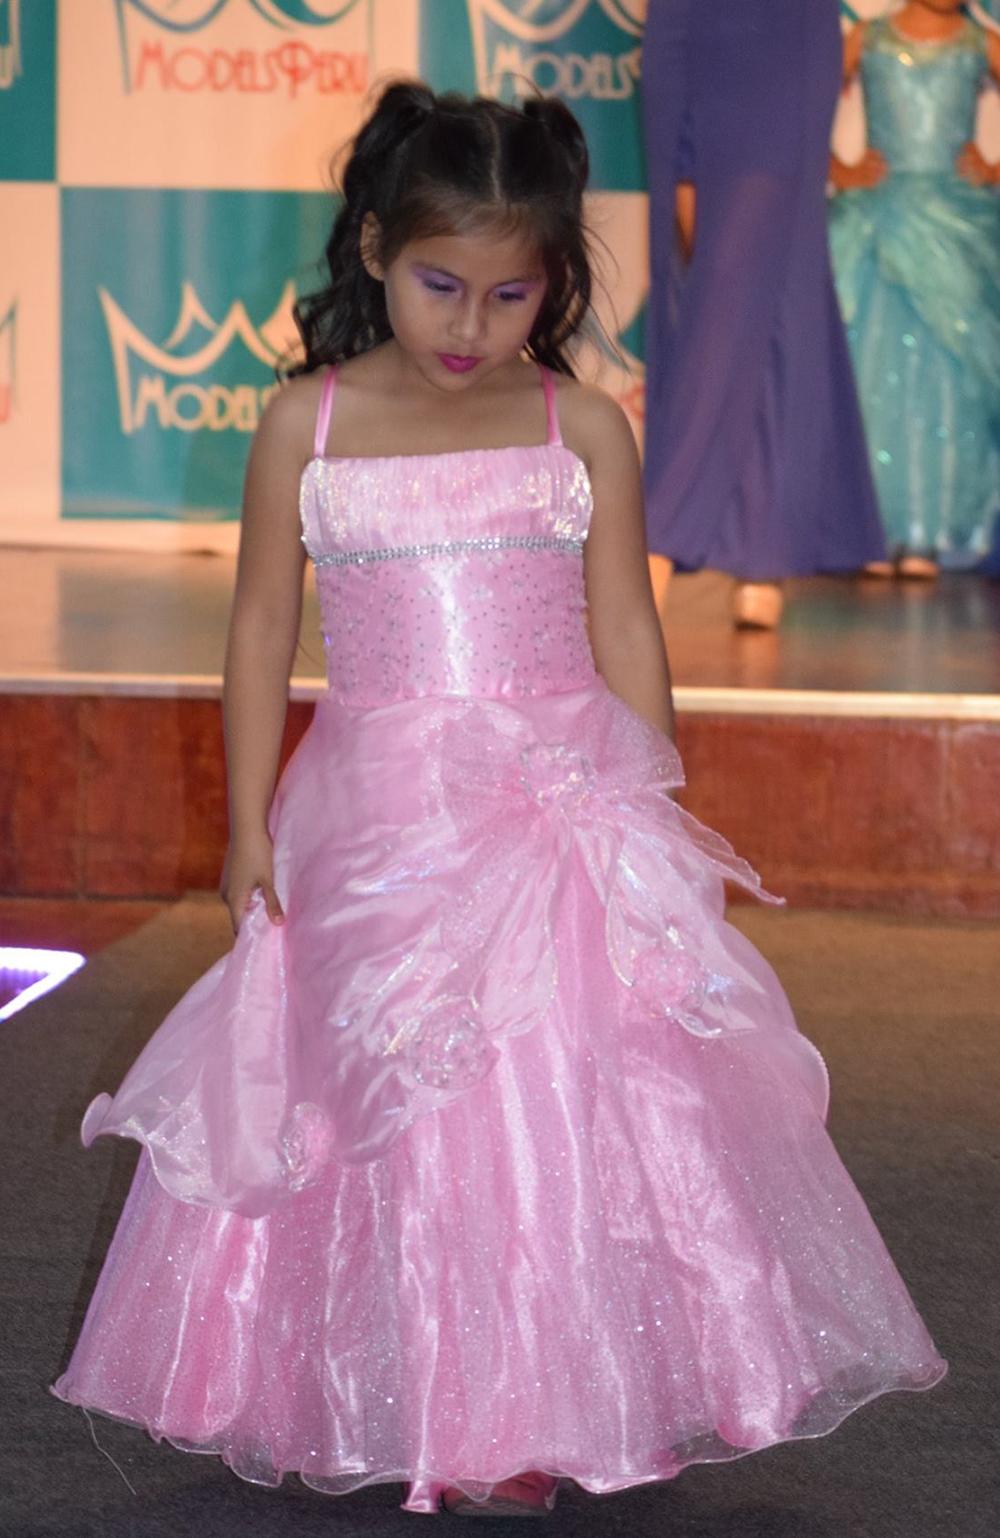 2a734b8c4 Las niñas a partir de los 3 años comienzan a gustarle cada vez más las  temáticas de princesas sobre todo las princesas de Disney y ahí es donde  encontramos ...